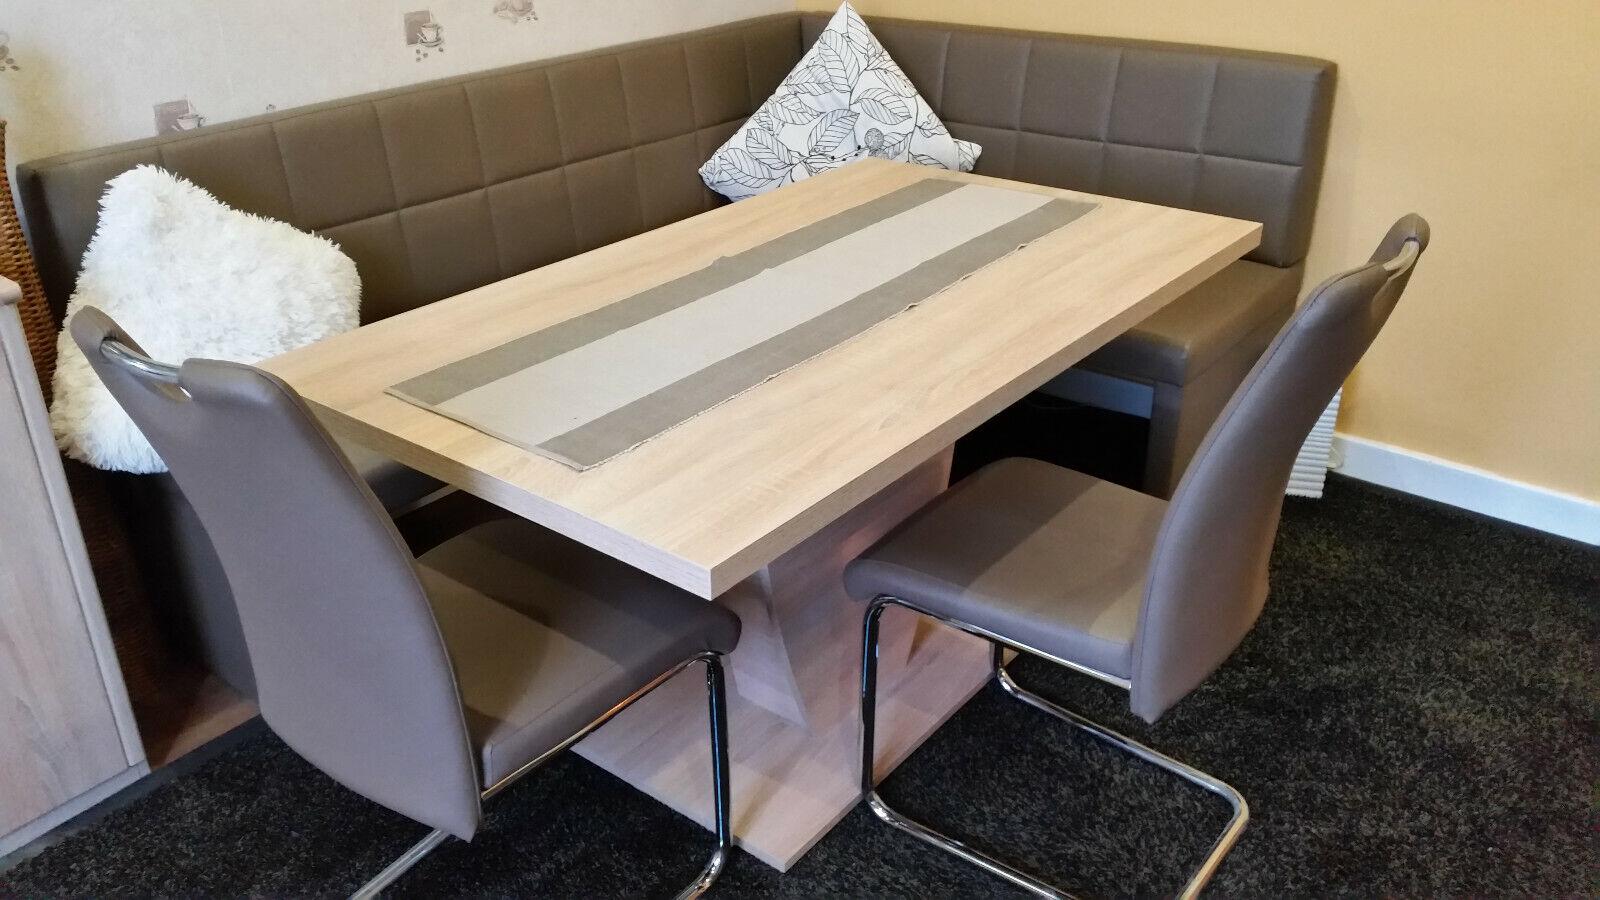 Eckbankgruppe Gebraucht Eckbank Mit Tisch Und Stühlen Genial